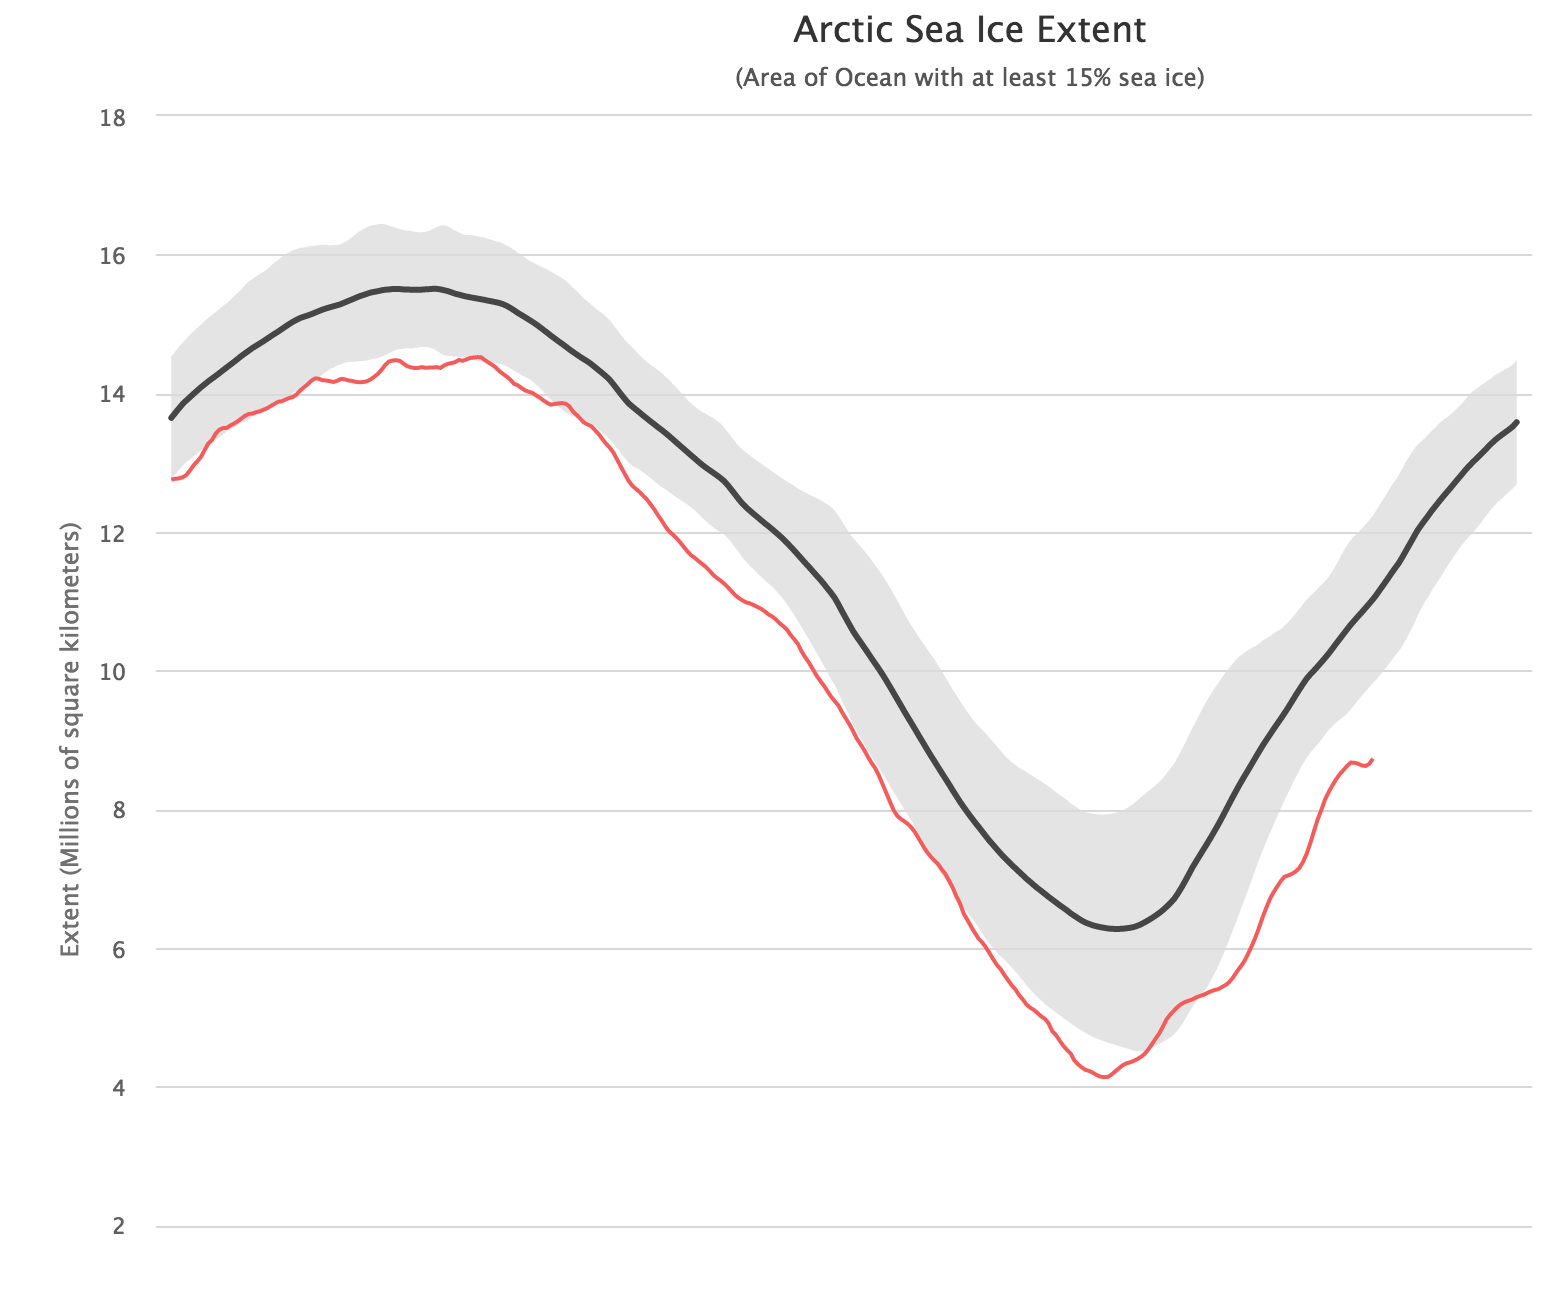 A linha vermelha mostra a extensão do gelo em 2016